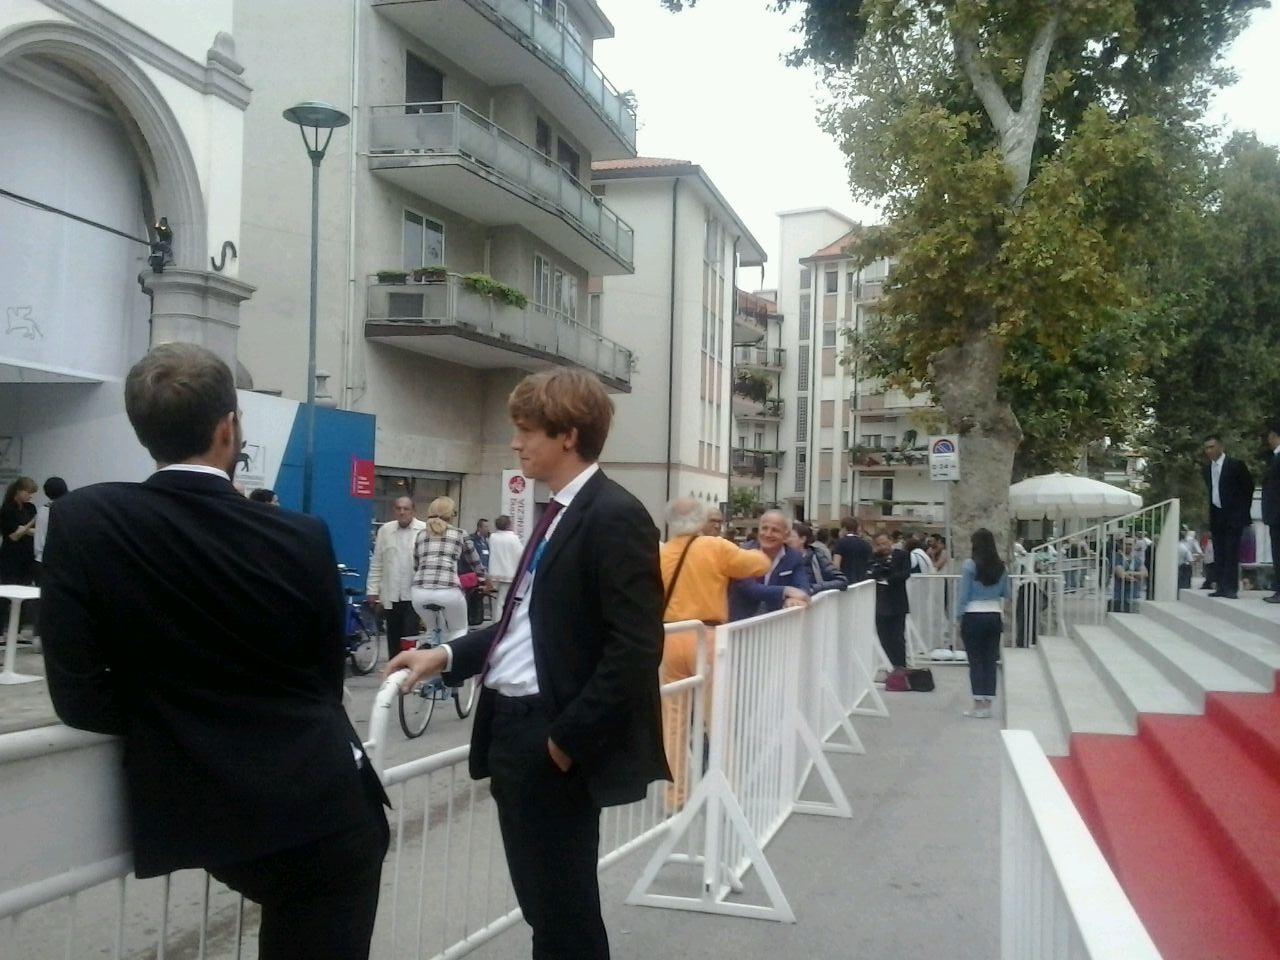 Allarme bomba al Festival del Cinema di Venezia. Palazzo del Cinema evacuato dopo la proiezione di un film pro-Palestina